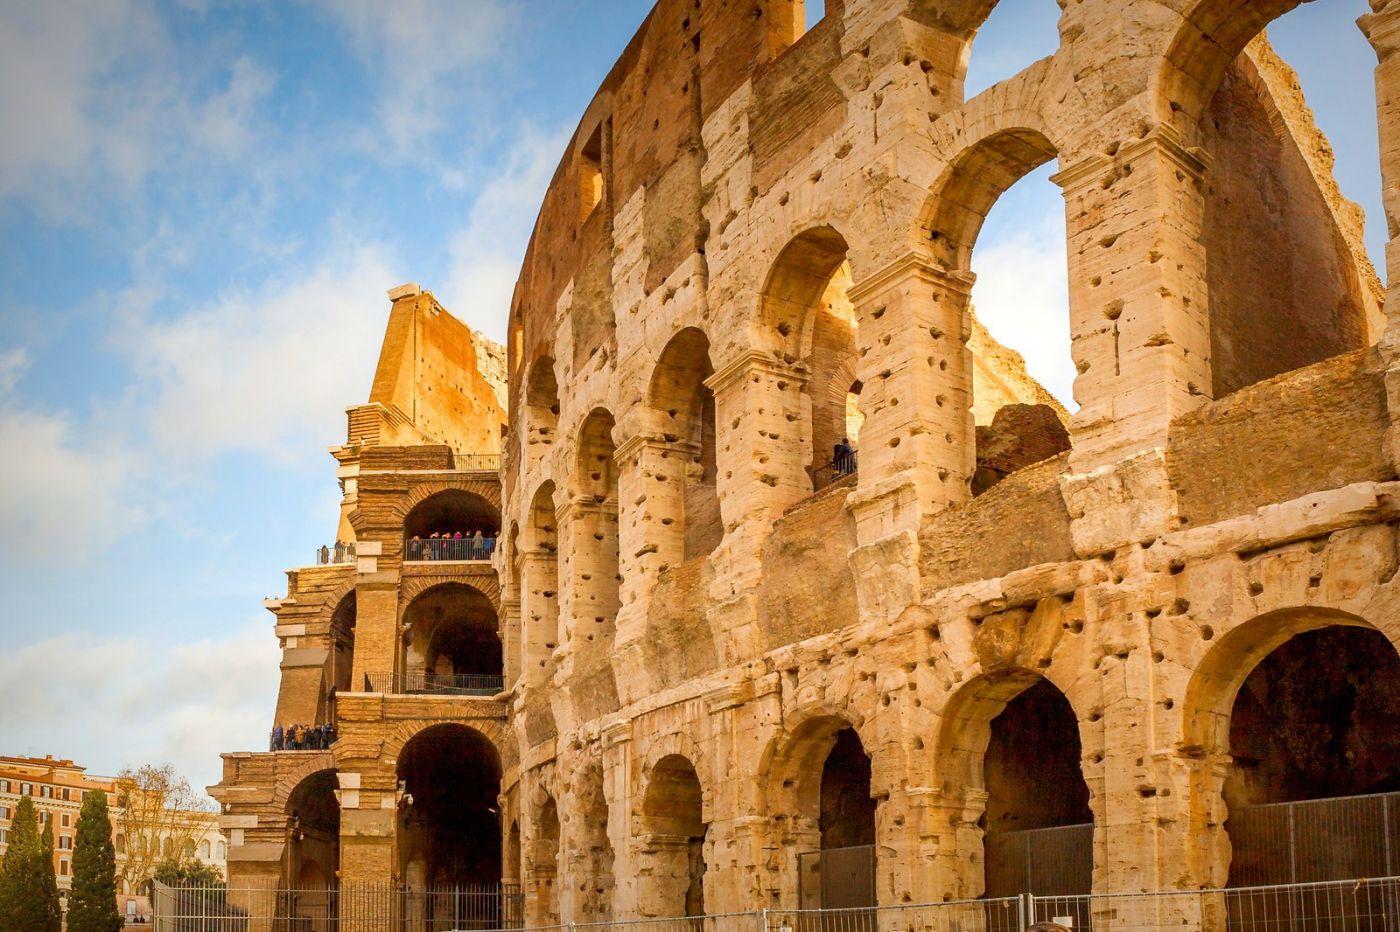 罗马斗兽场(Colosseum), 两千年的宏大建筑古迹_图1-29